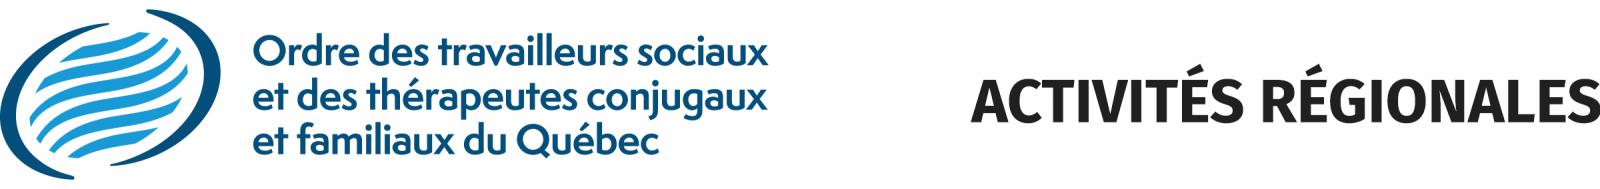 Logo Ordre des travailleurs sociaux et des thérapeutes conjugaux et familiaux du Québec (Activités régionales)